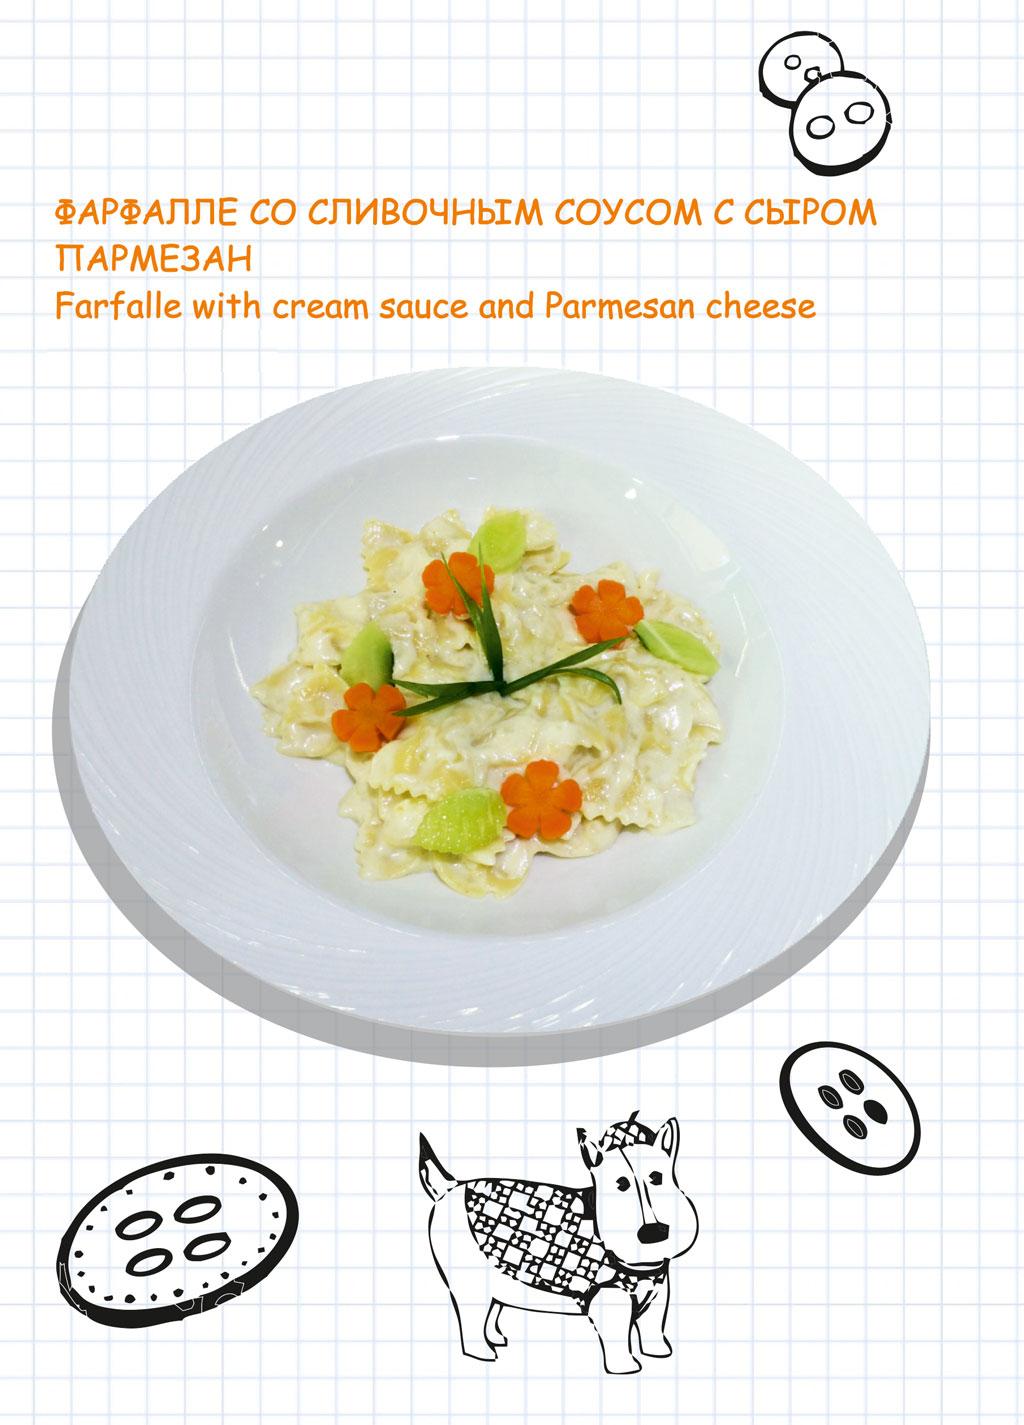 Фарфалле со сливочным соусом с сыром пармезан (Farfalle with cream sauce and parmesan cheese) в ресторане Аннам Брахма в Оренбурге